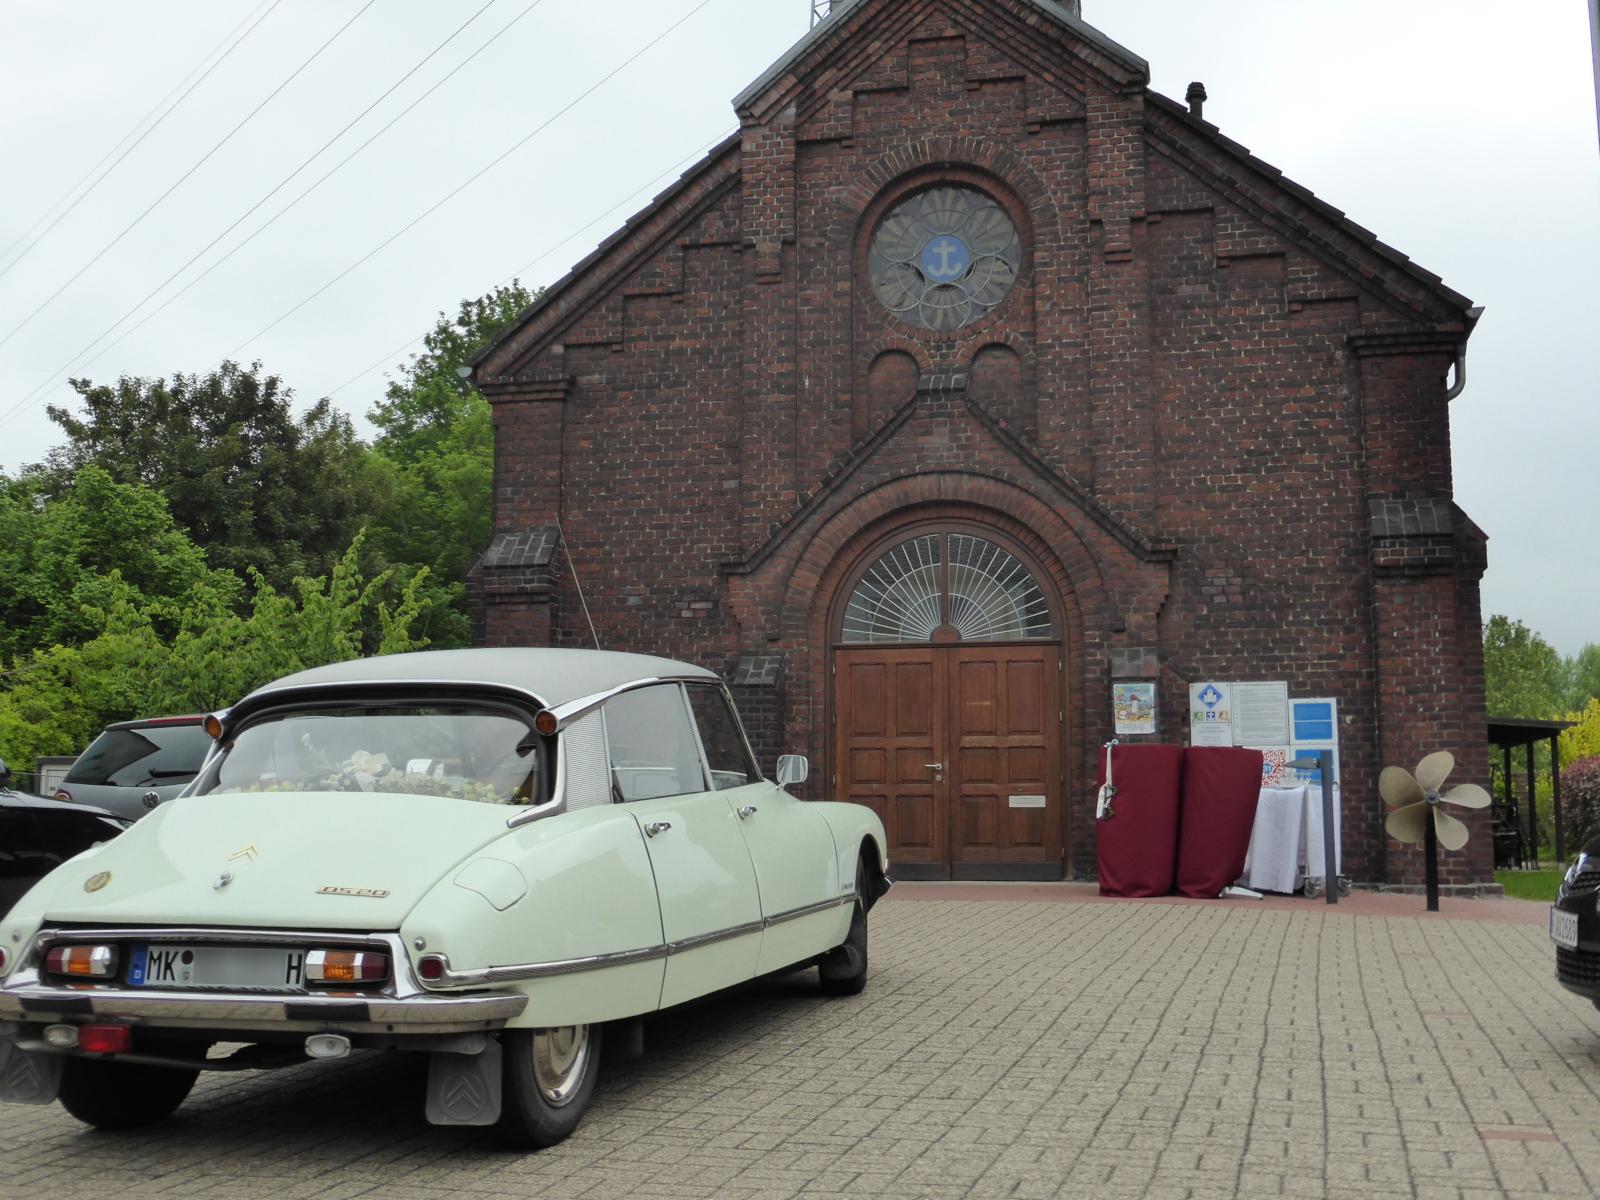 Friedenskirche, Datteln